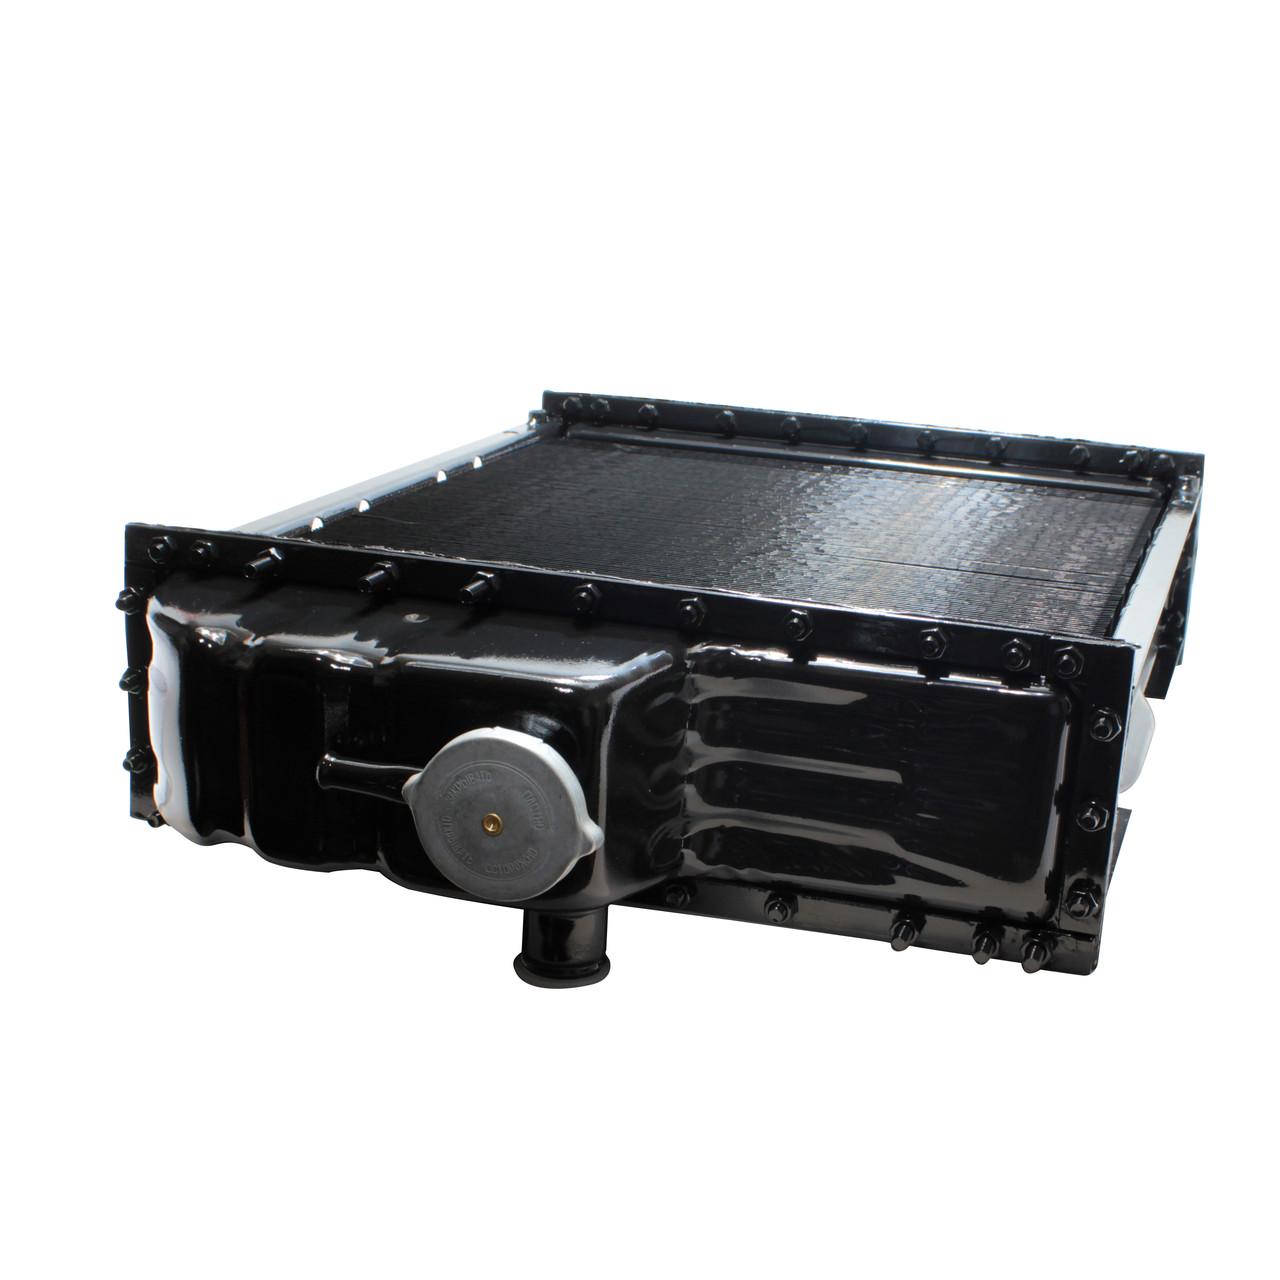 Радіатор водяного охолодження МТЗ-80 4-х рядний 70У-1301.010 латунний (пр-під Оренбург)